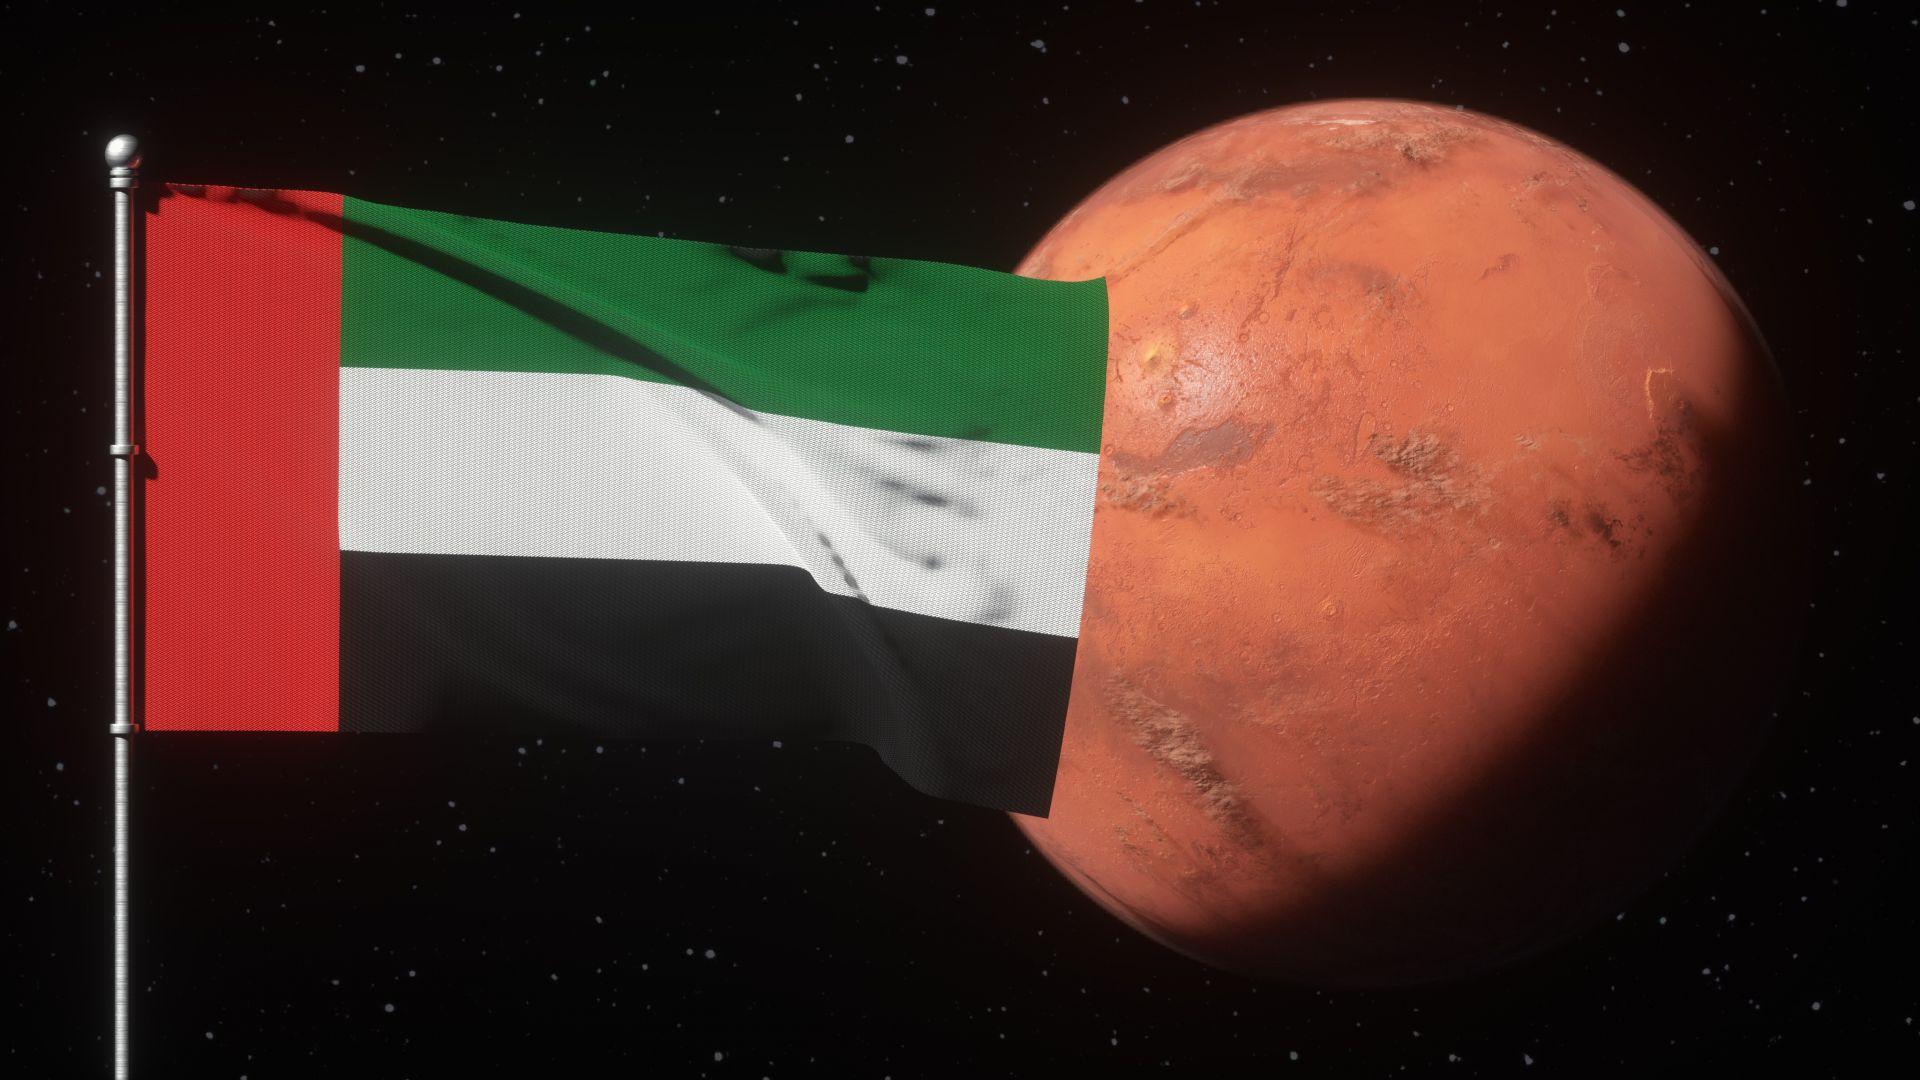 Арабски ренесанс с атомна енергия и мисия до Марс: ОАЕ посяга към Космоса